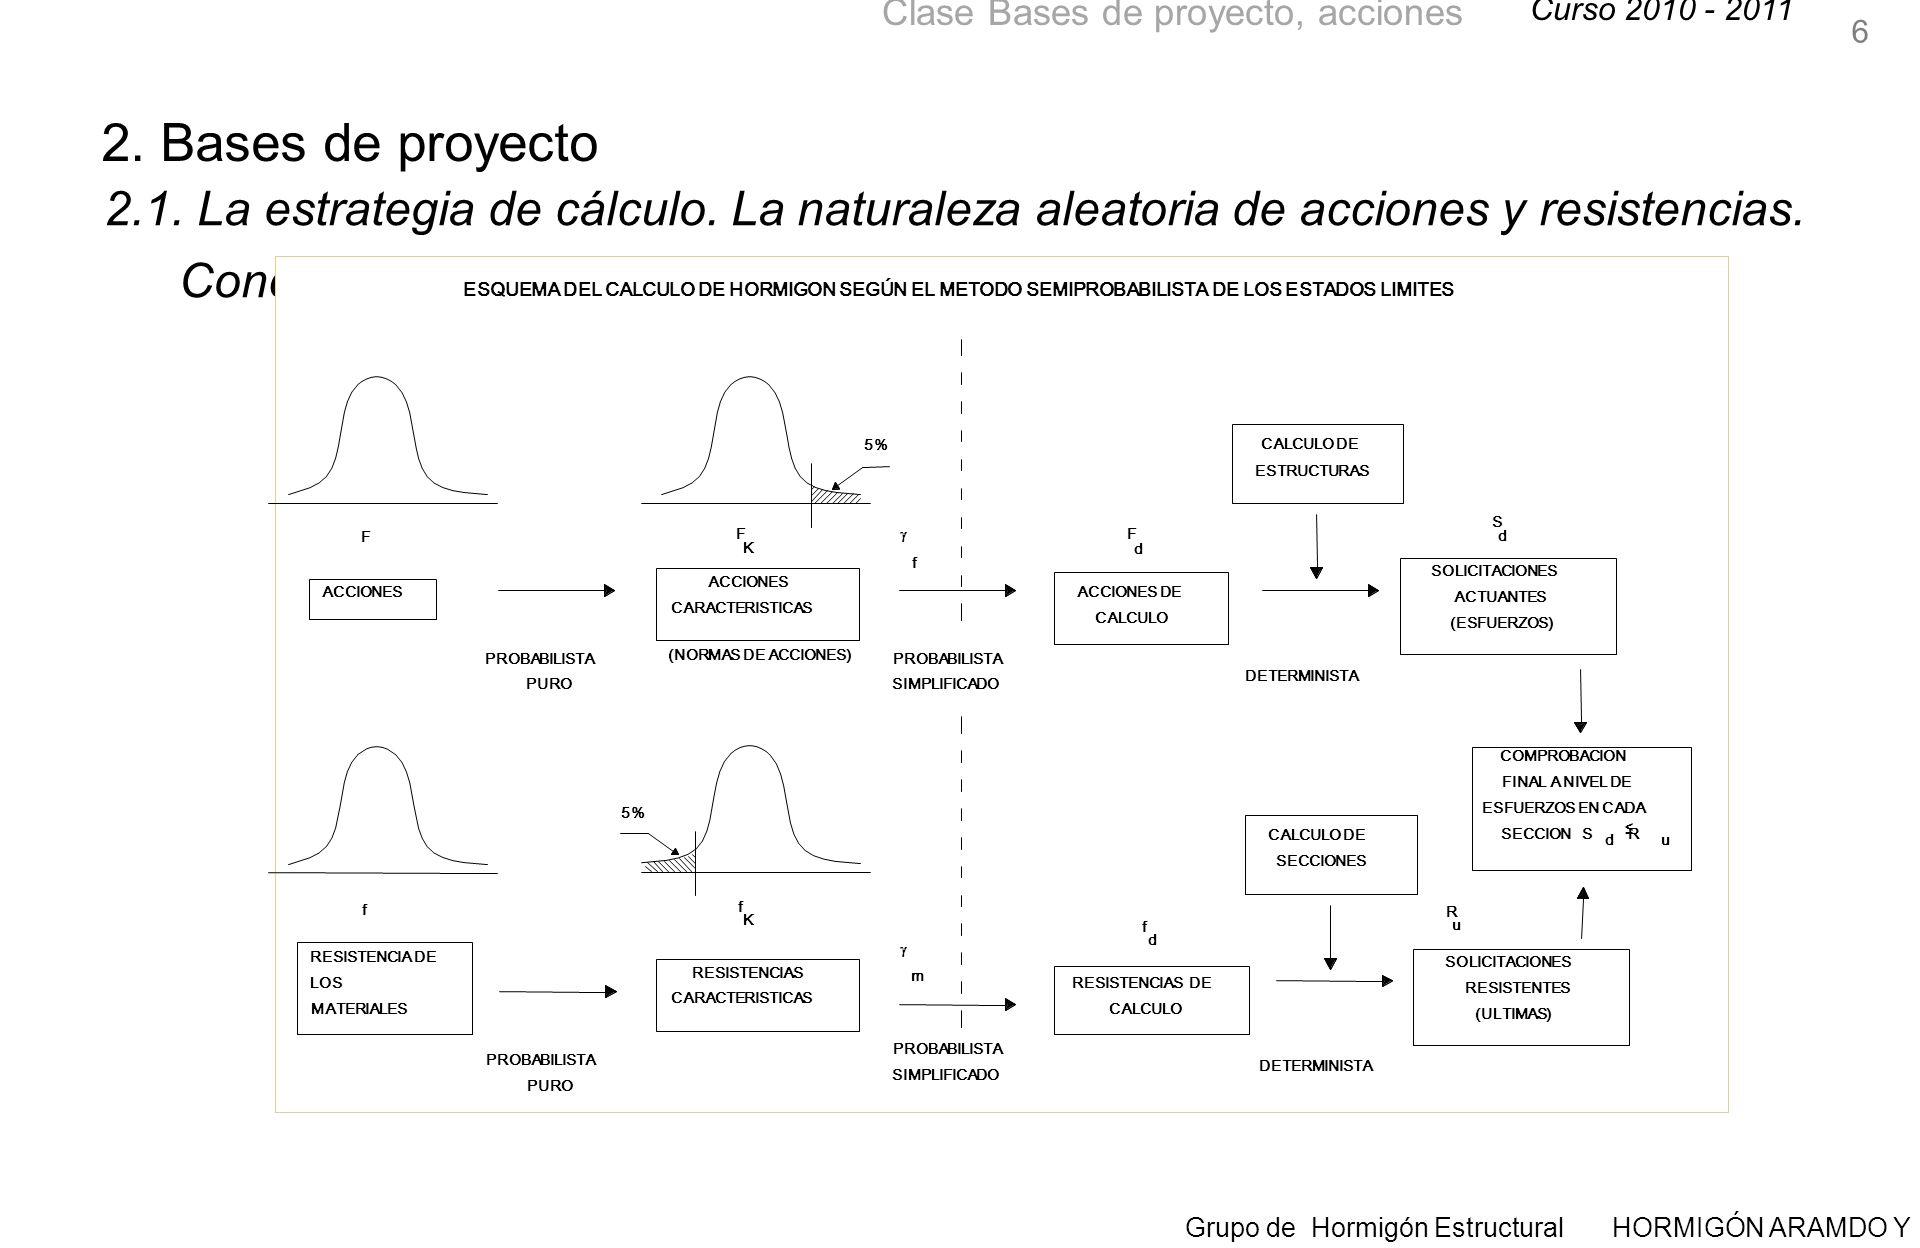 Curso 2010 - 2011 Grupo de Hormigón Estructural HORMIGÓN ARAMDO Y PRETENSADO II Clase Bases de proyecto, acciones 37 2.